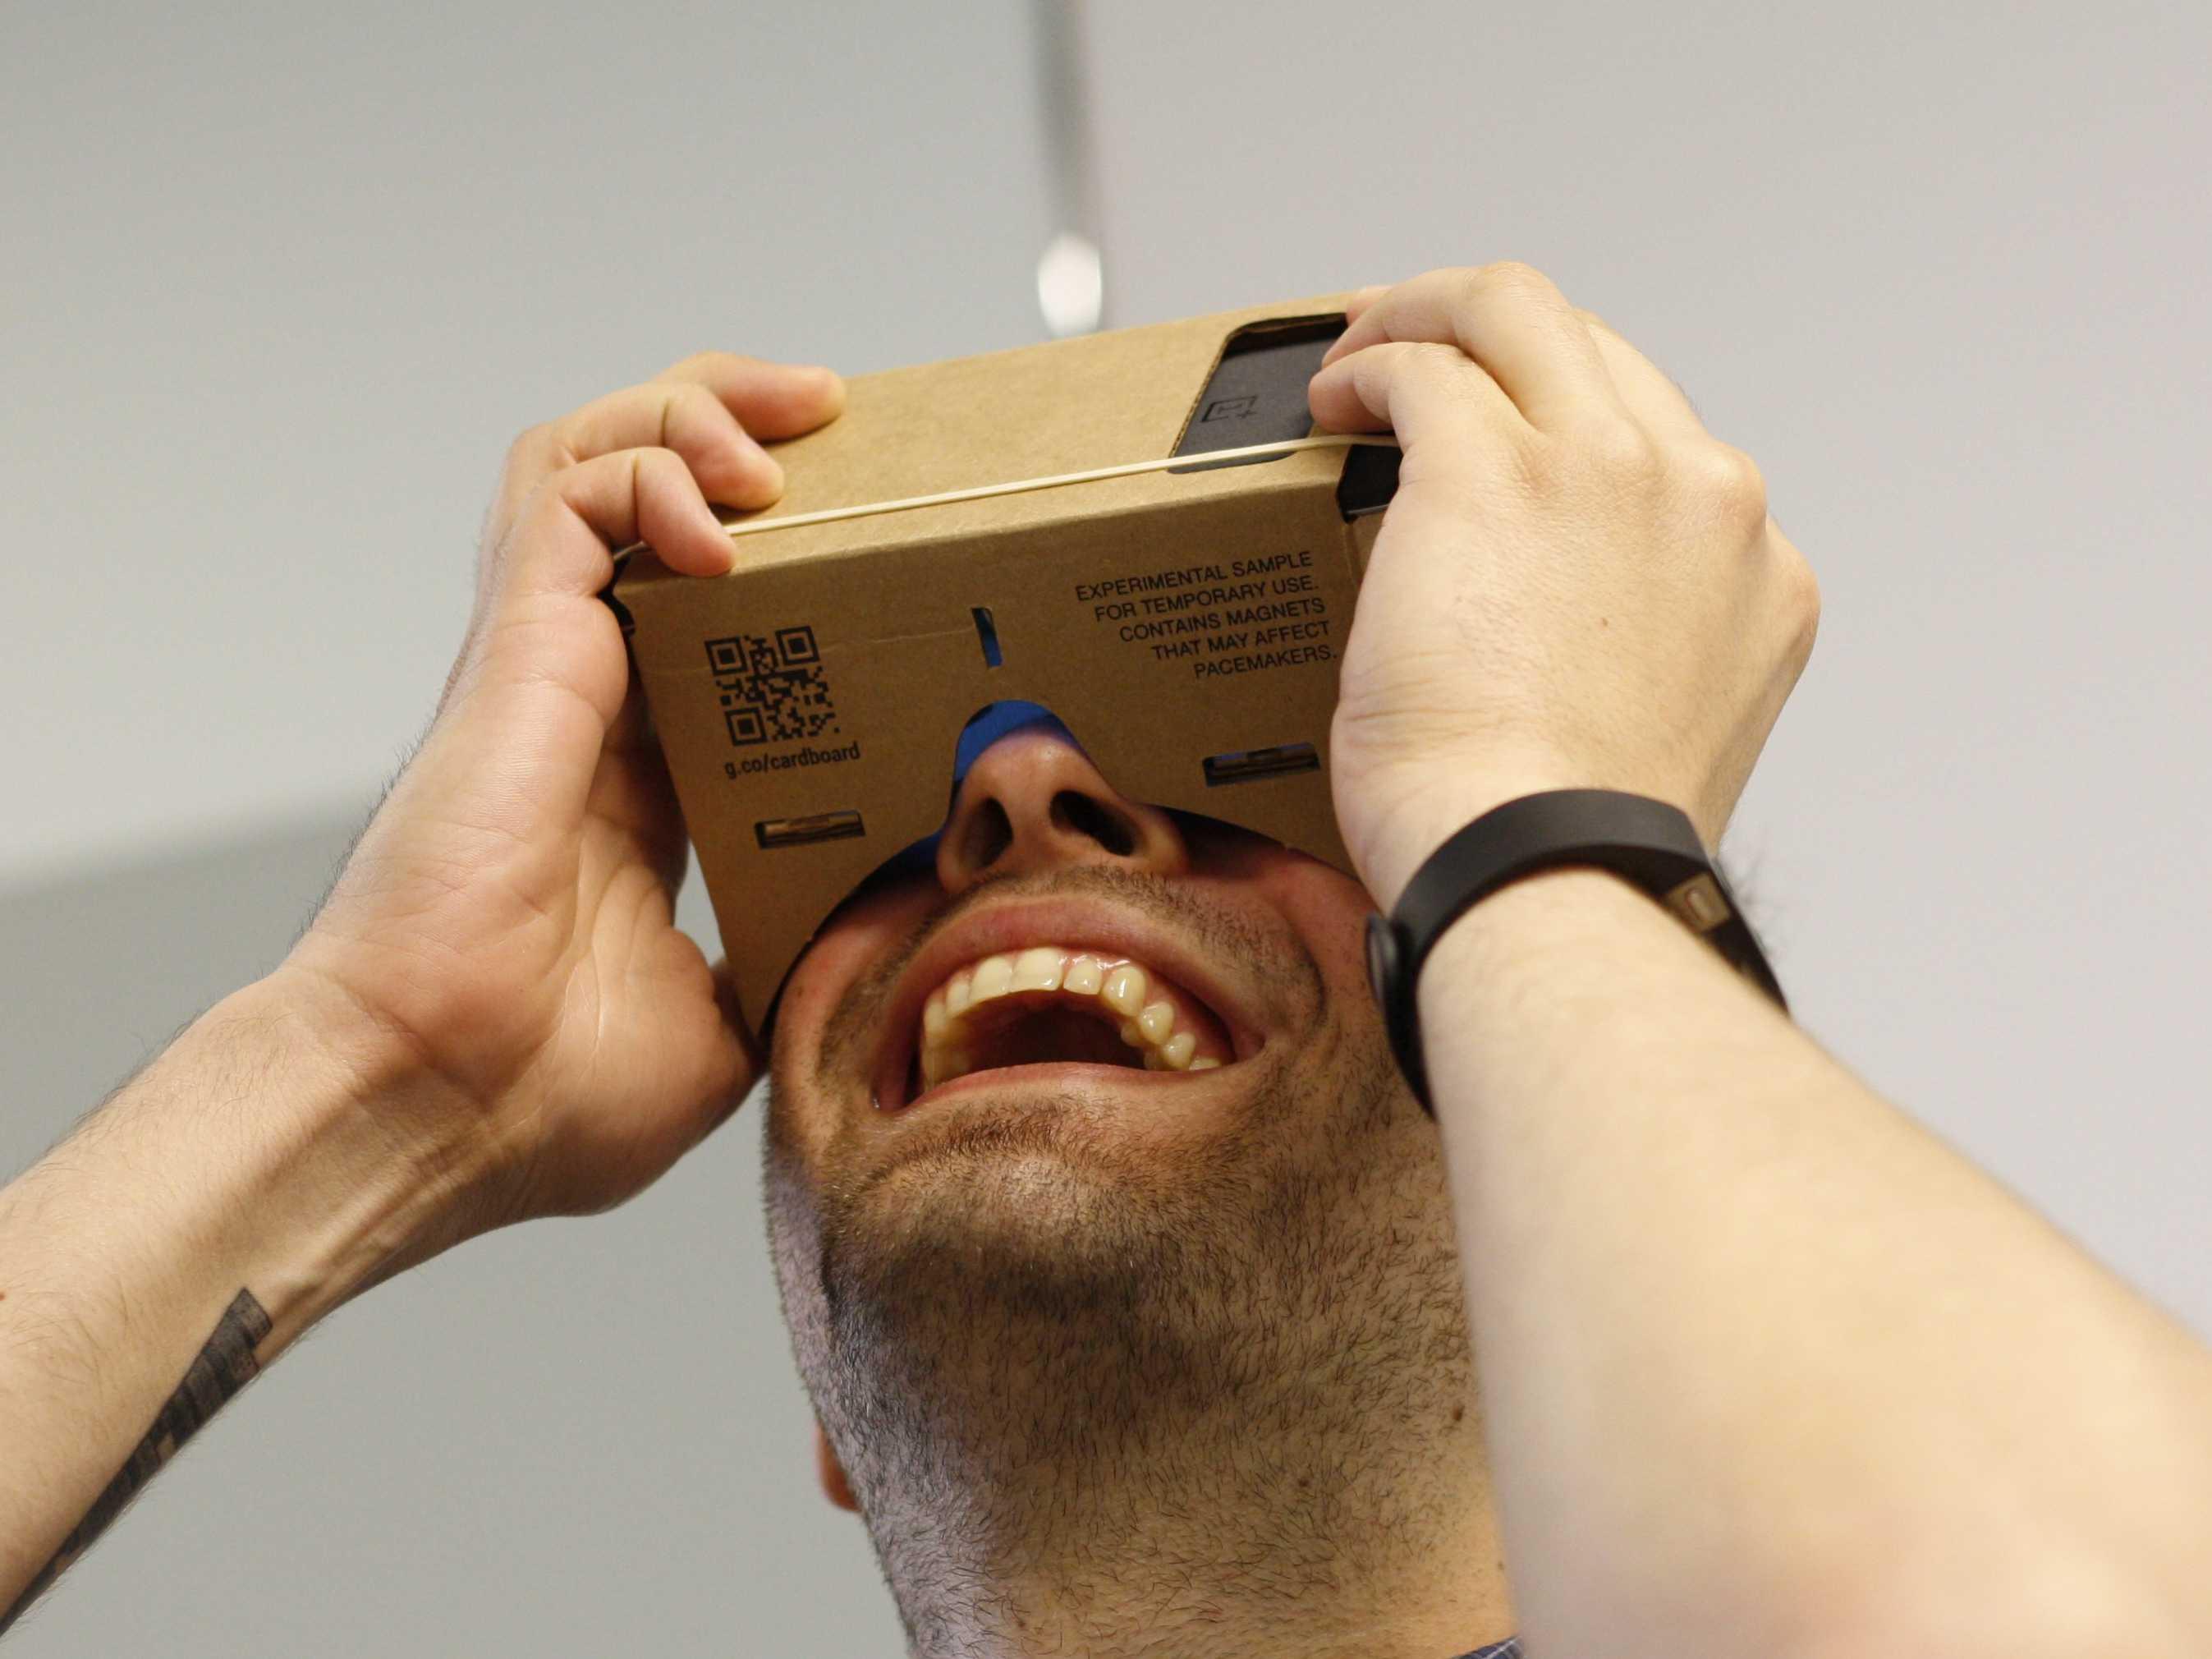 Realtà virtuale su YouTube vicina al boom